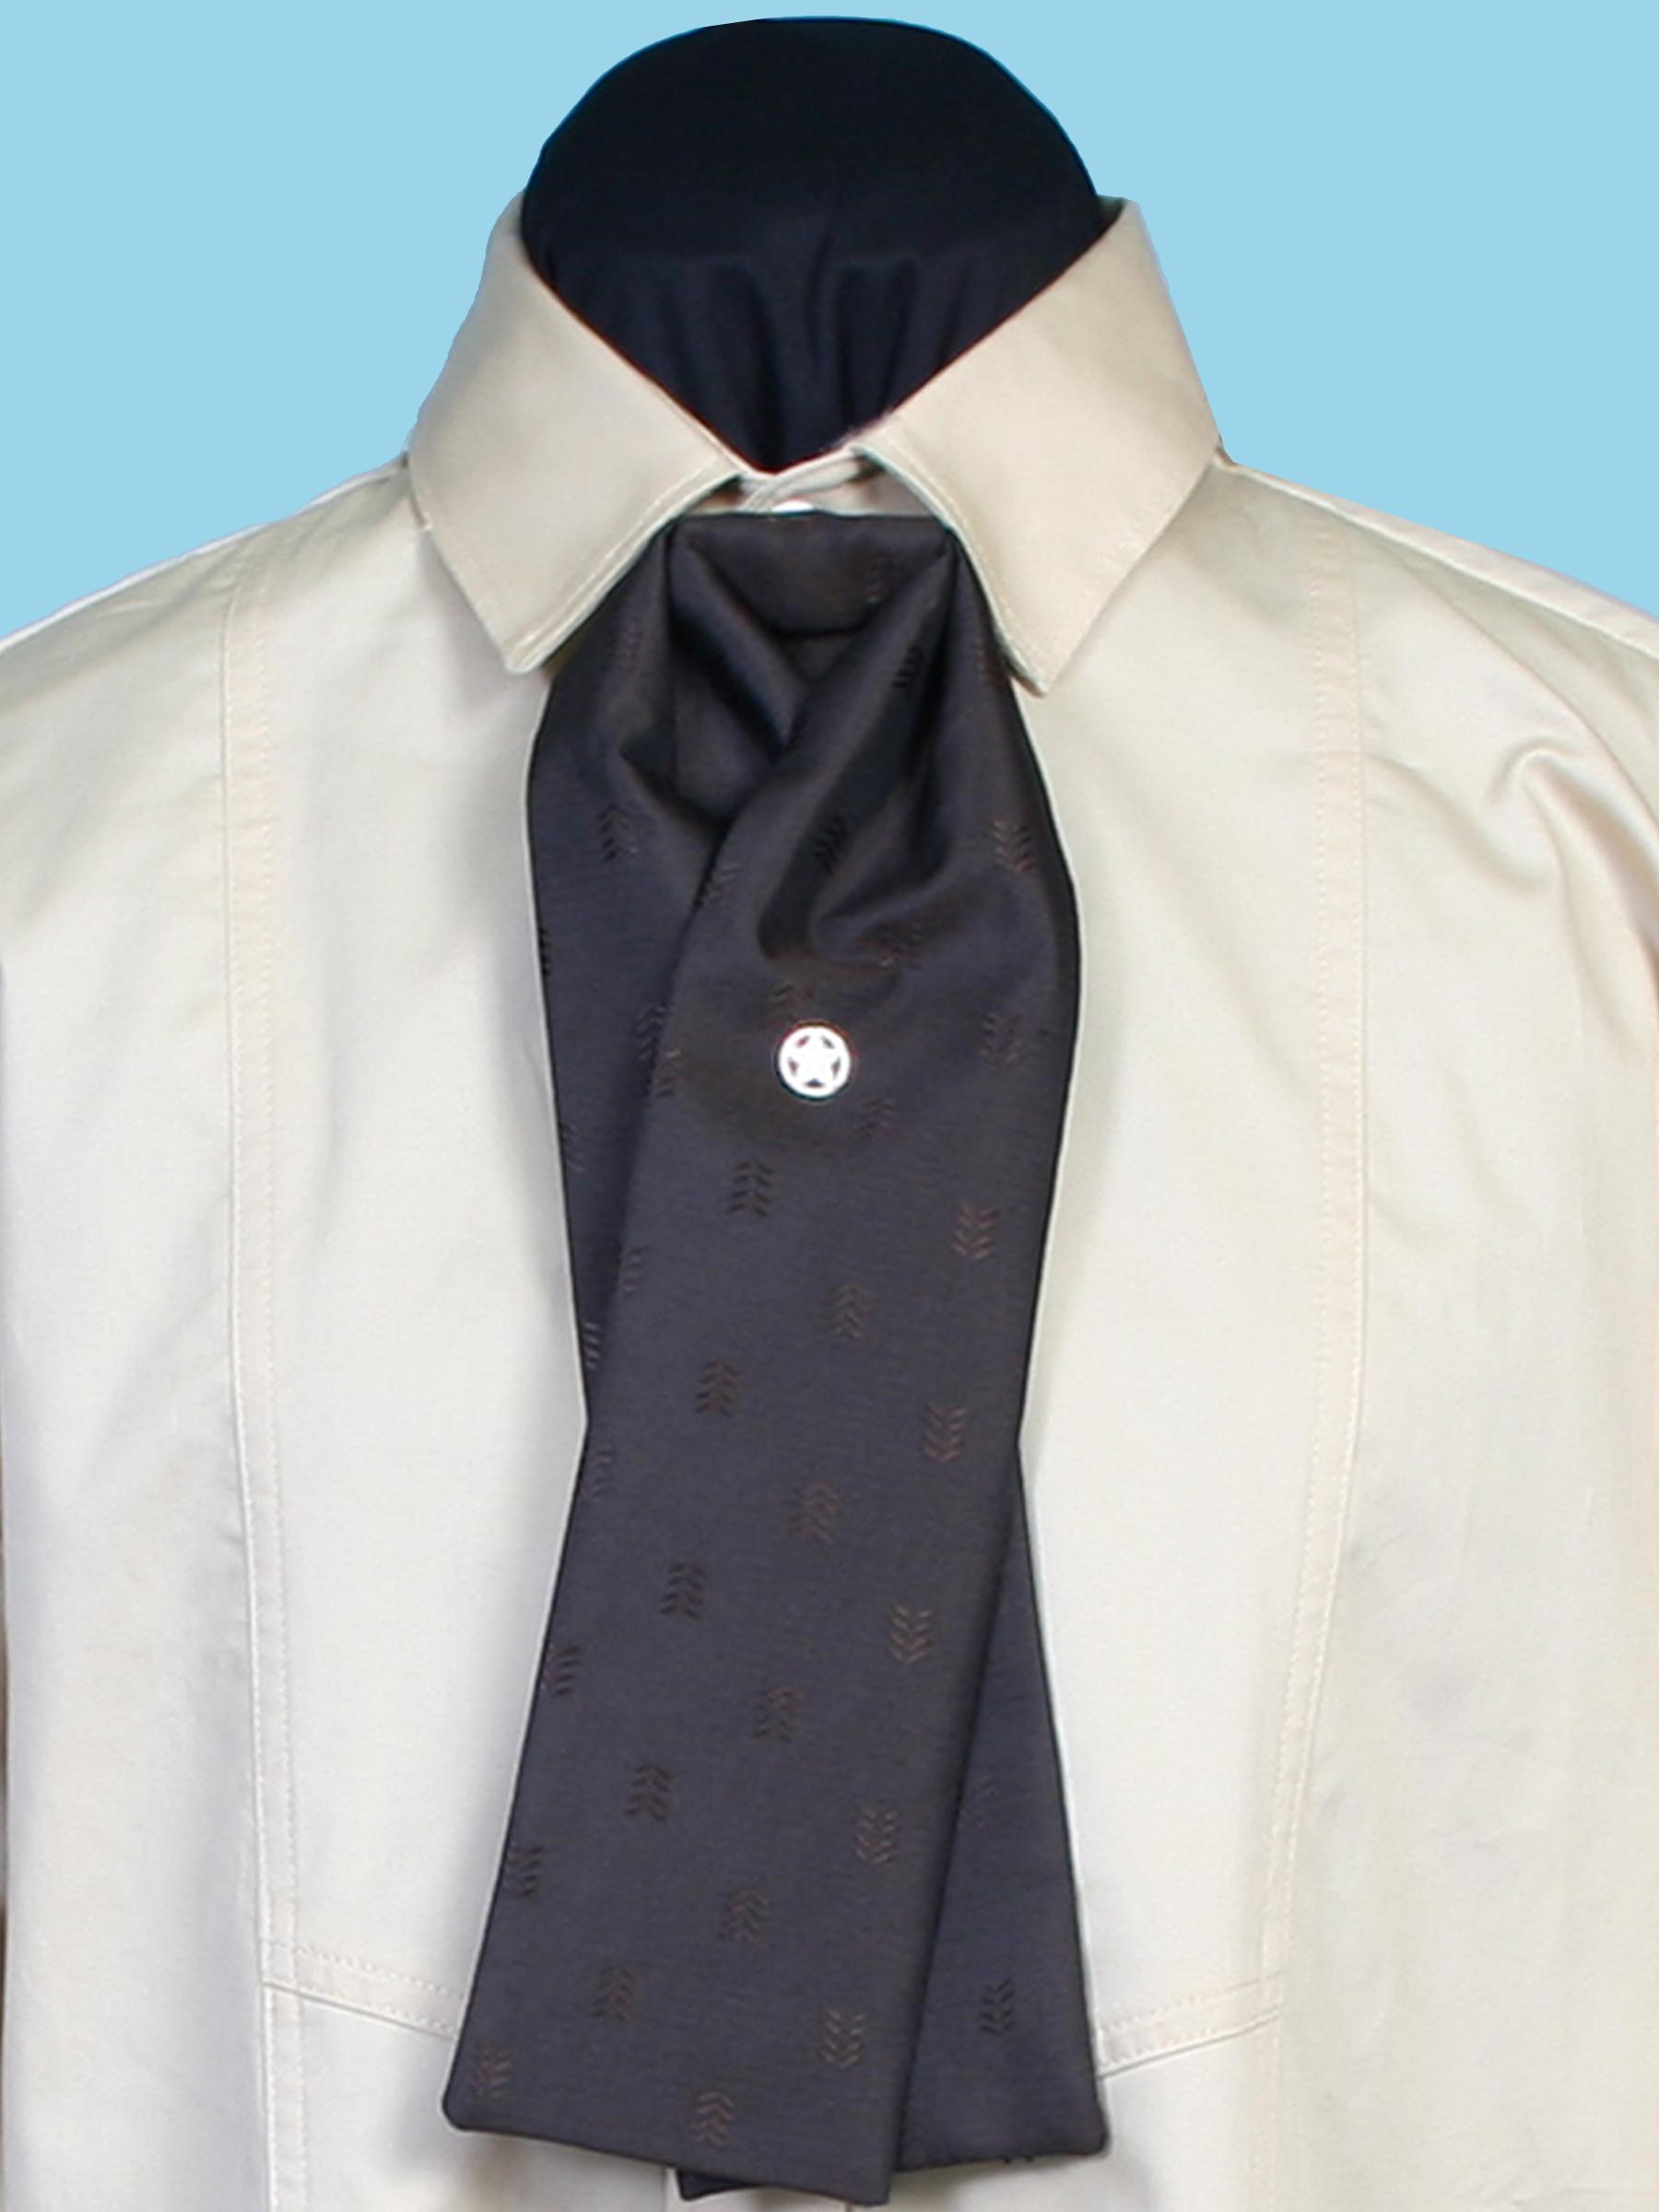 Chevron gentlemen's tie